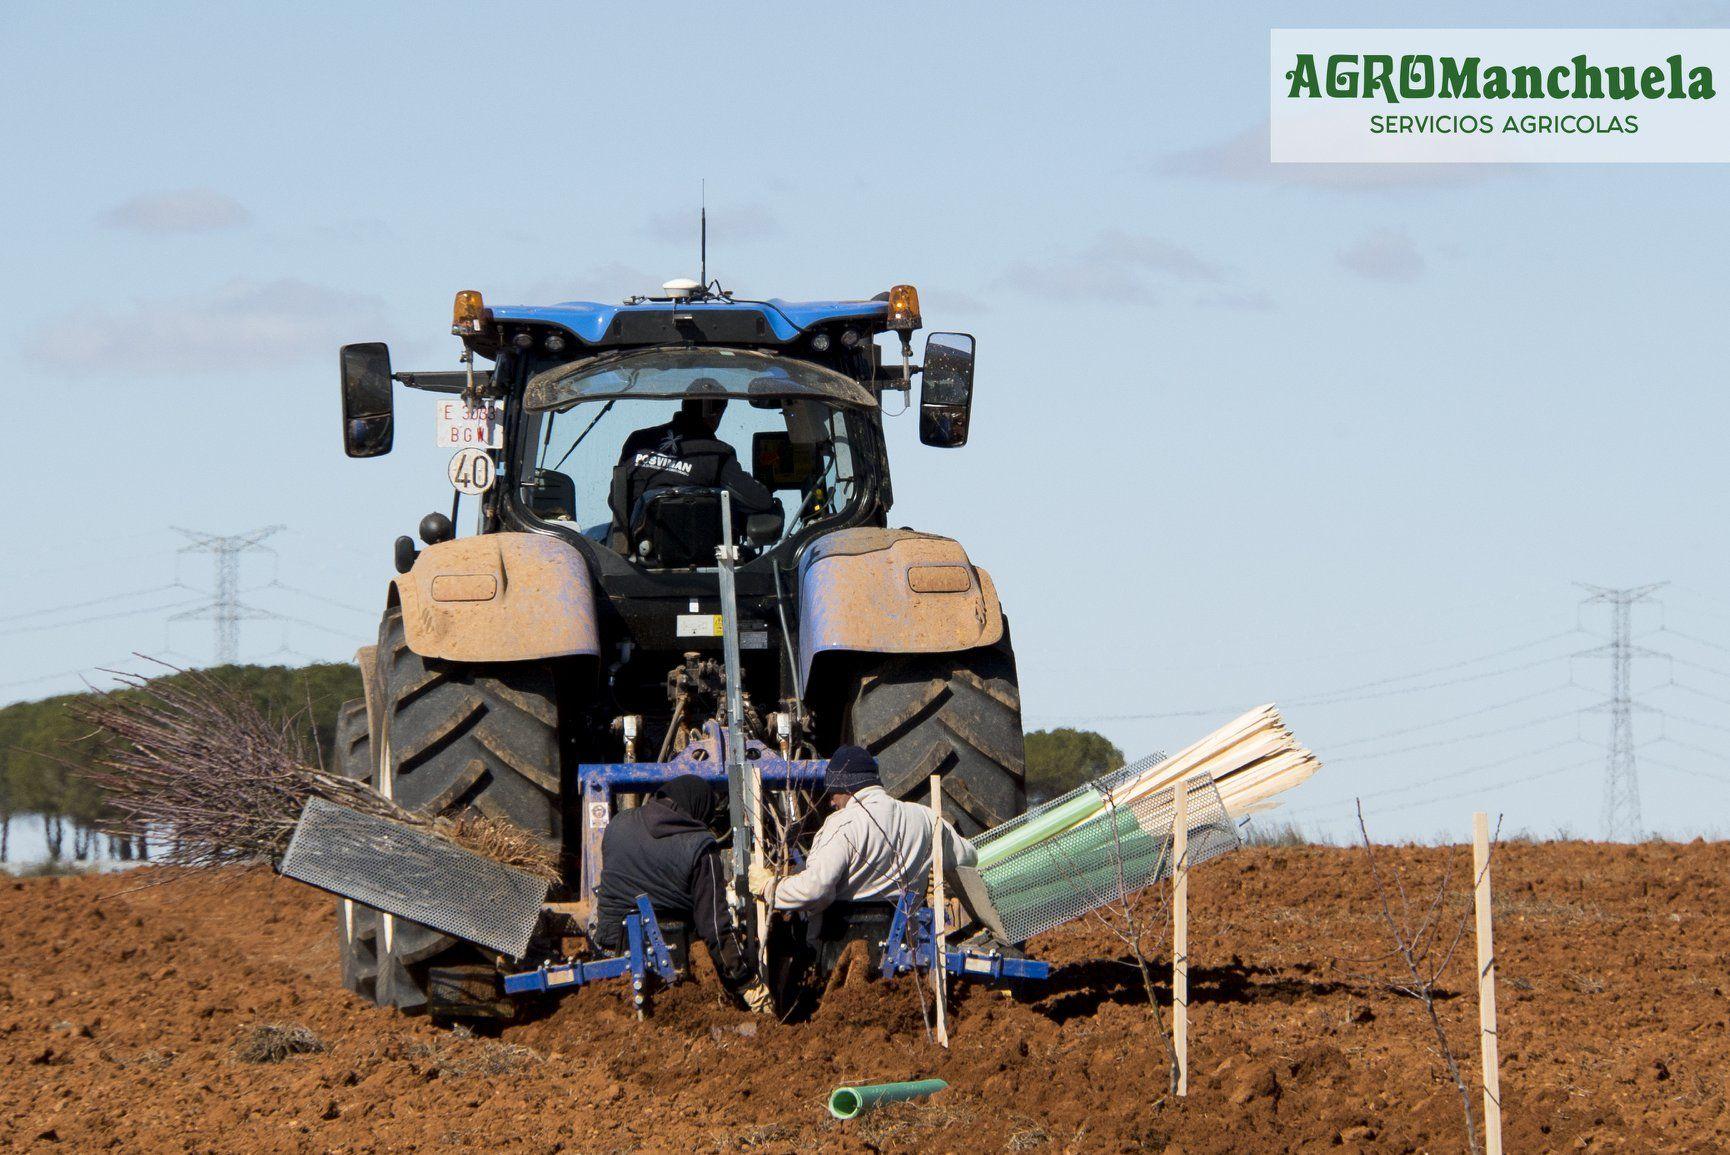 Servios agrícolas en Cuenca